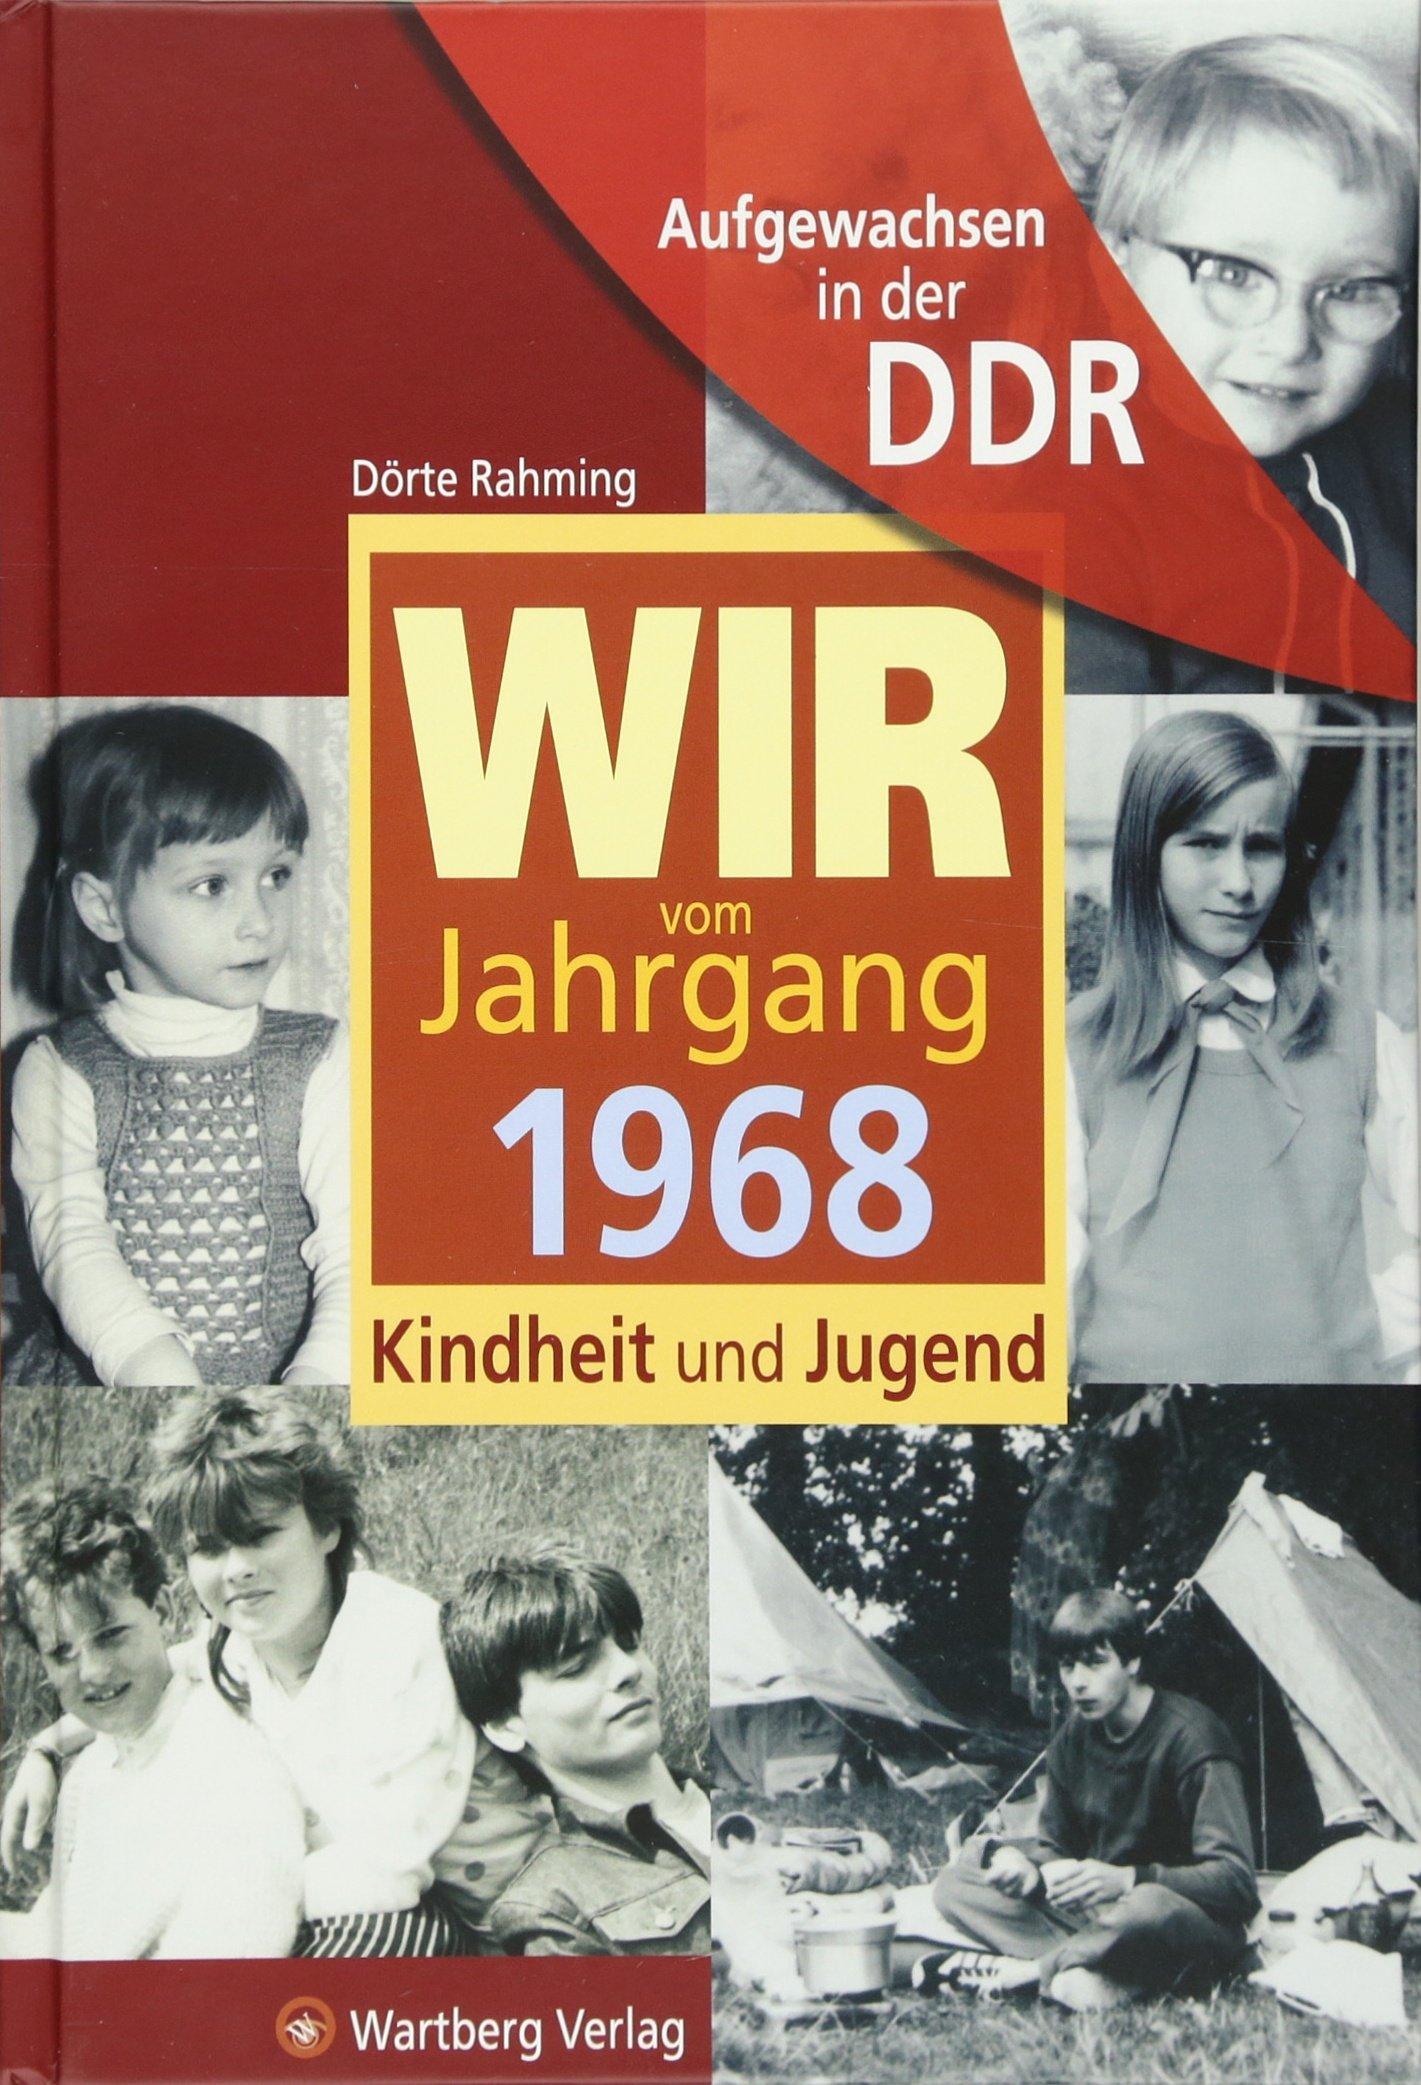 Aufgewachsen in der DDR -Wir vom Jahrgang 1968 - Kindheit und Jugend